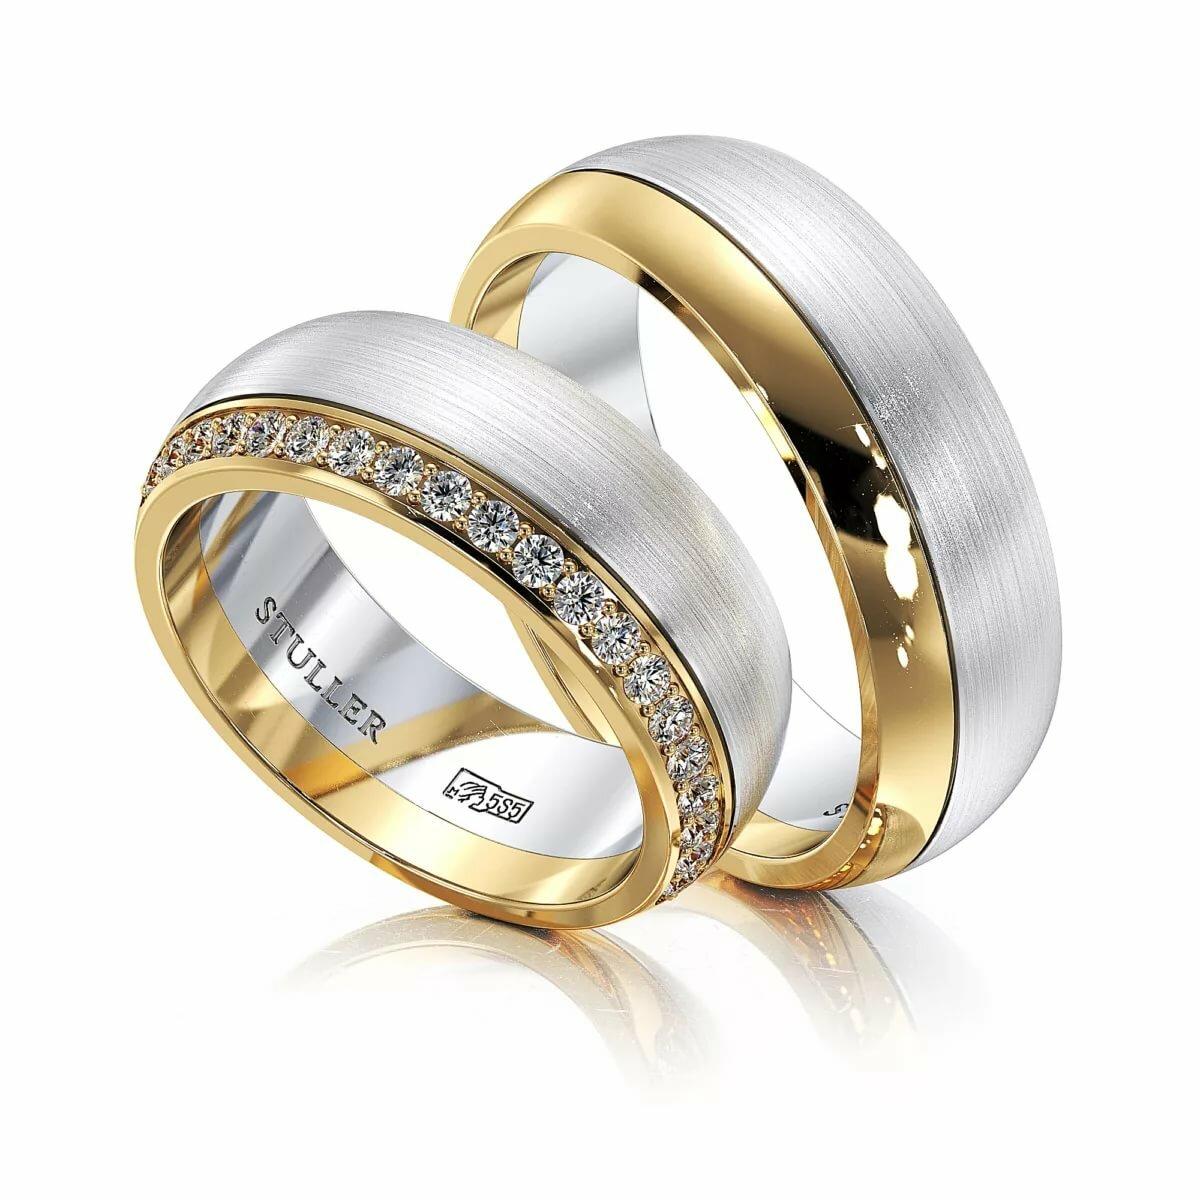 Посмотреть обручальные кольца в картинках